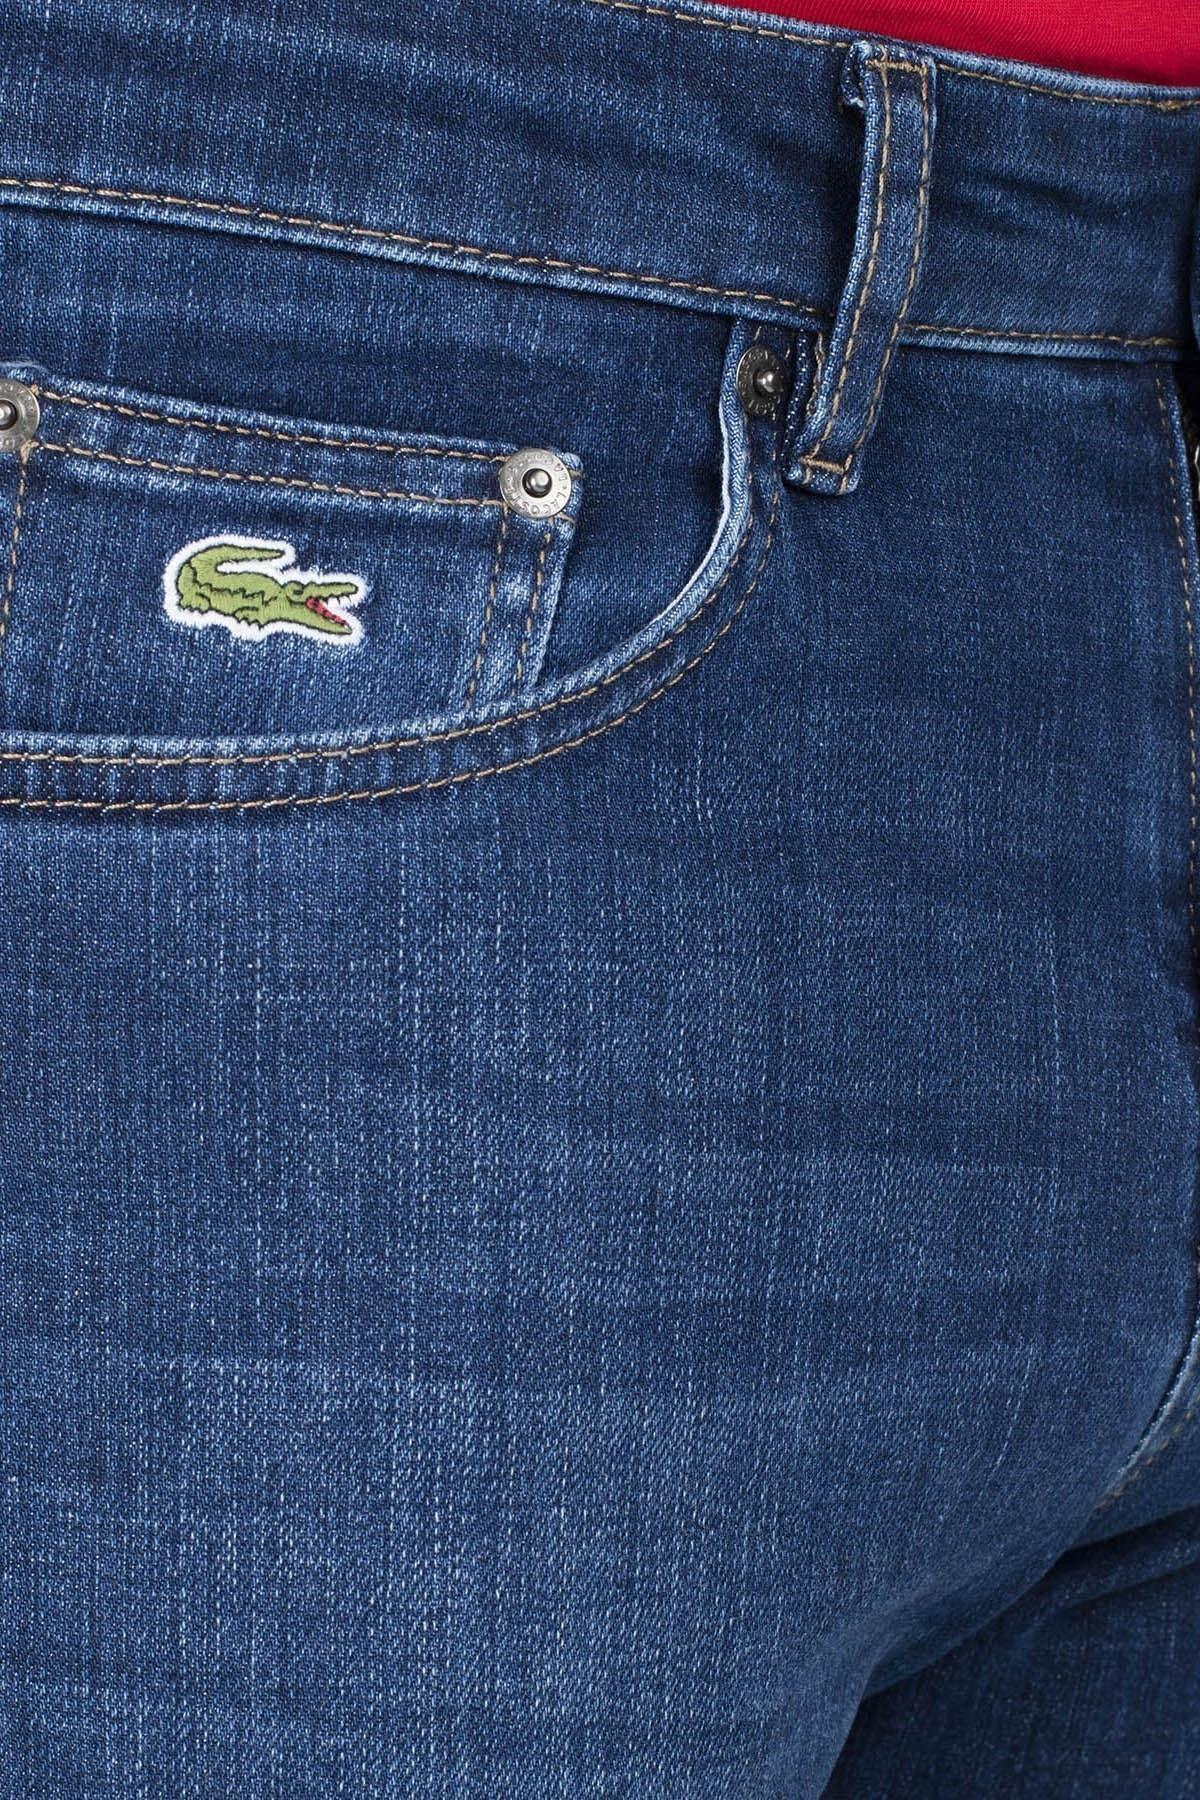 Lacoste Slim Fit Jeans Erkek Kot Pantolon HH0950 50L LACİVERT